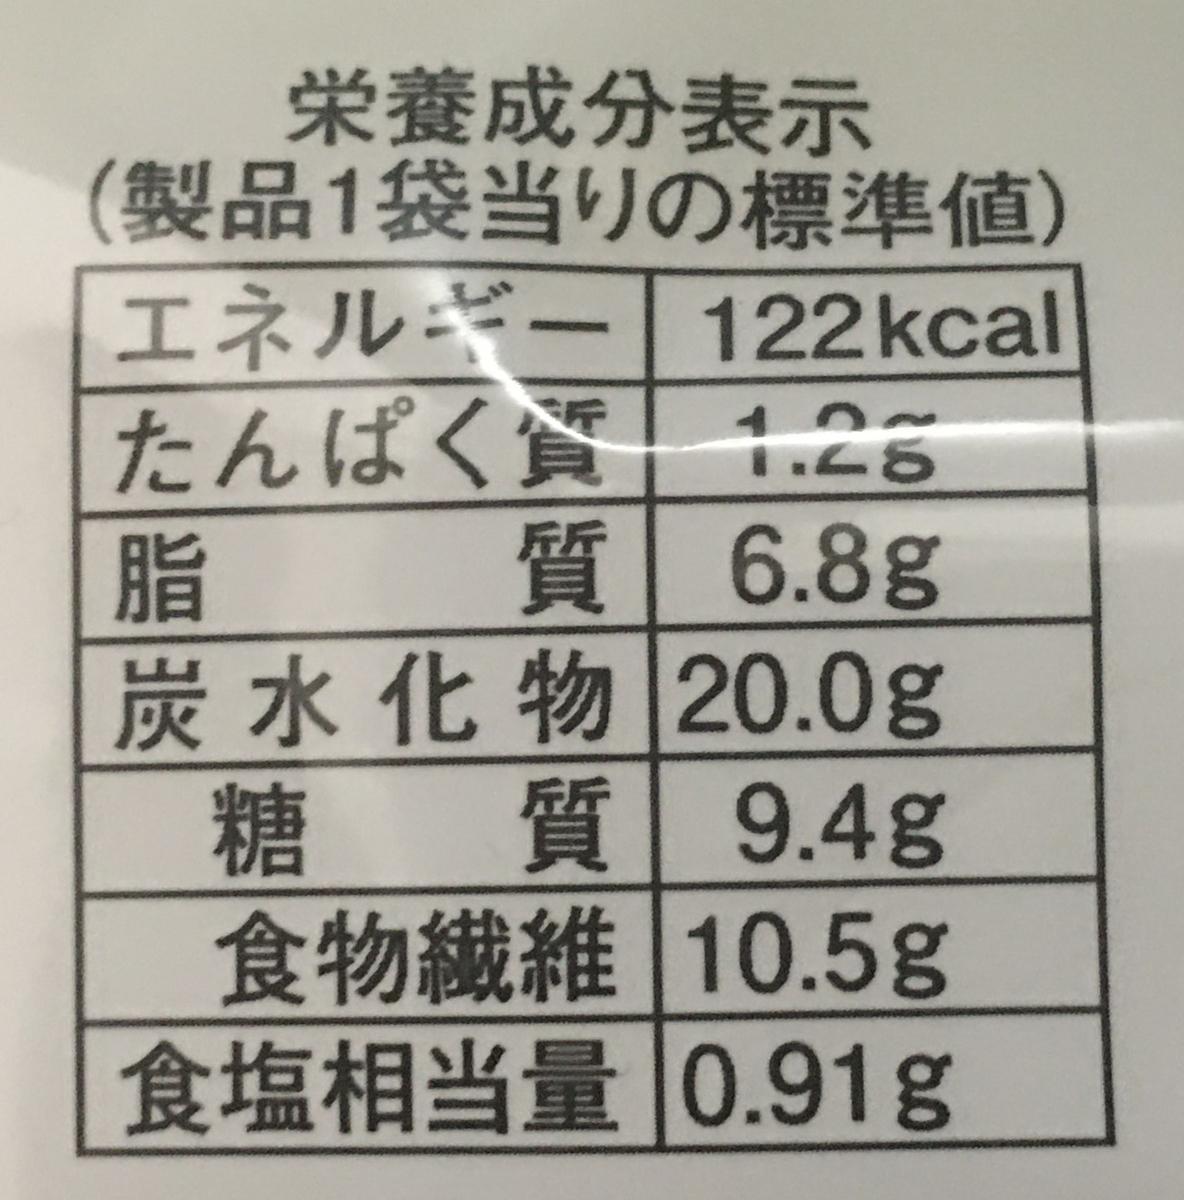 f:id:YOSHIO1010:20201207021444j:plain